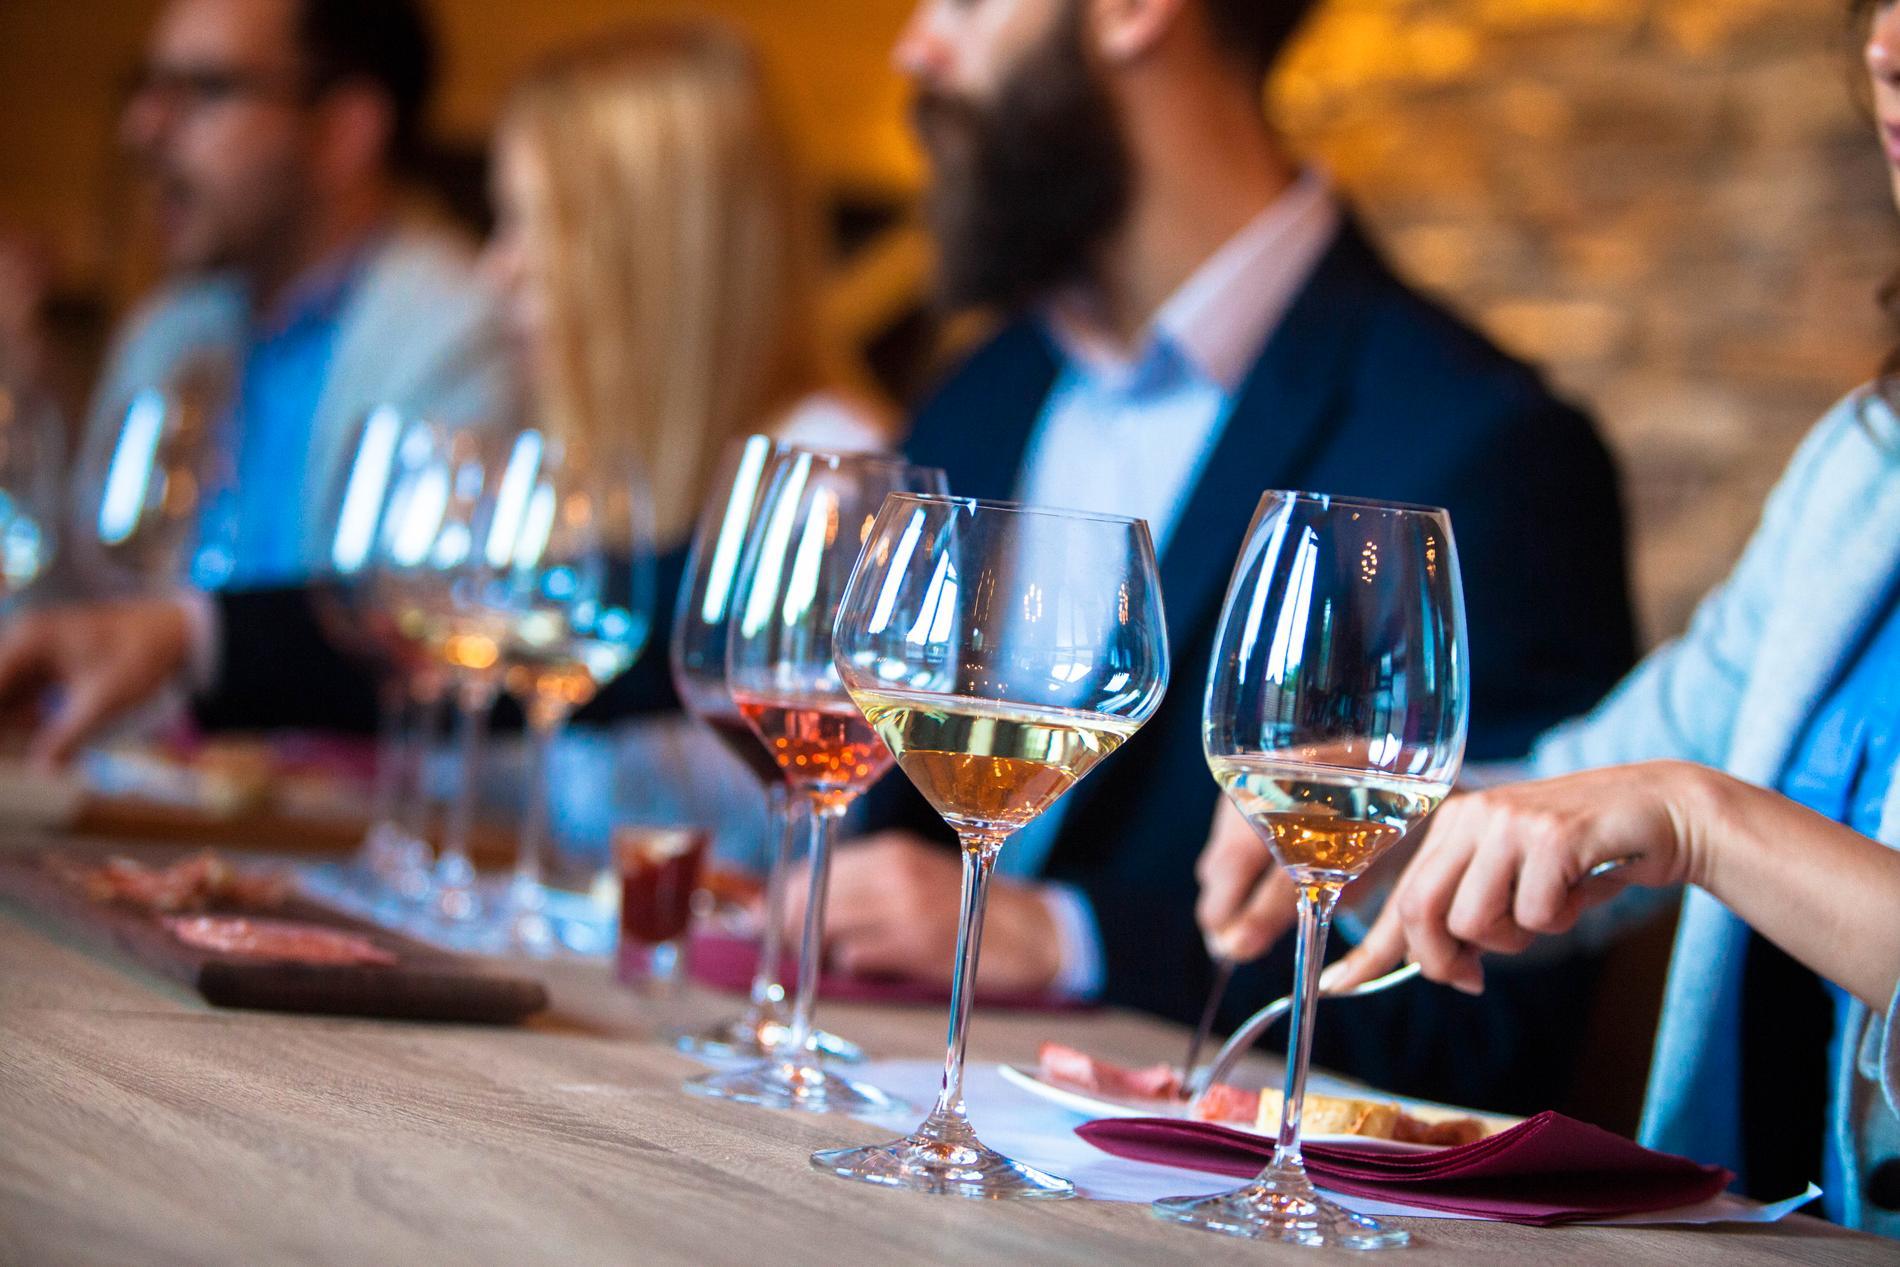 Ofta kombineras mat och dryck under vinprovningar.